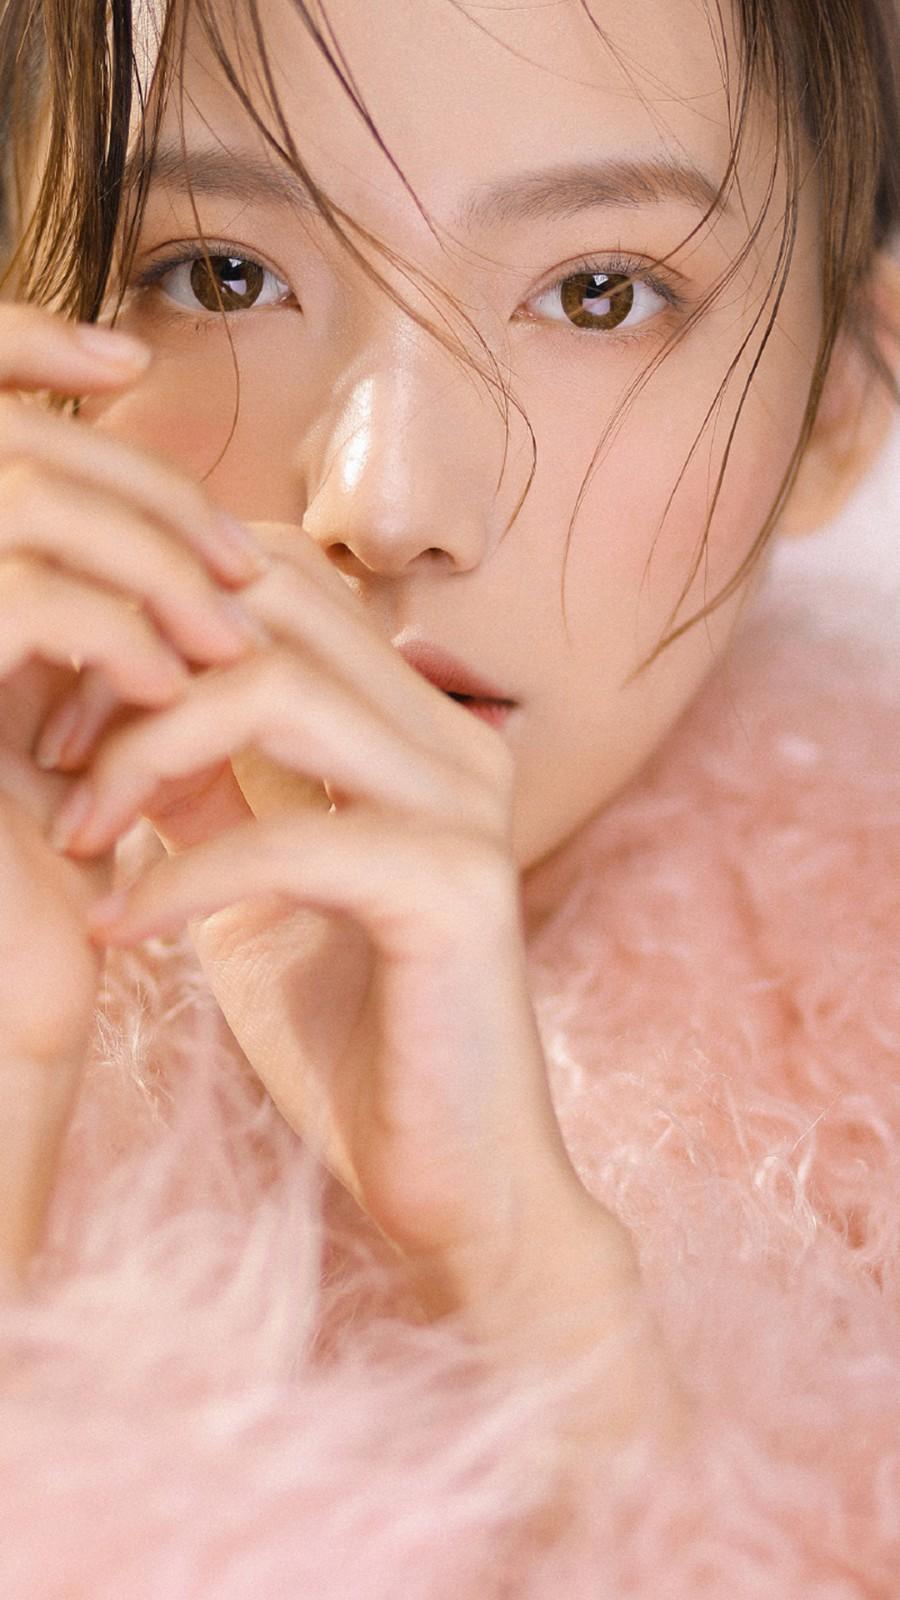 粉色美女唯美诱人写真手机壁纸